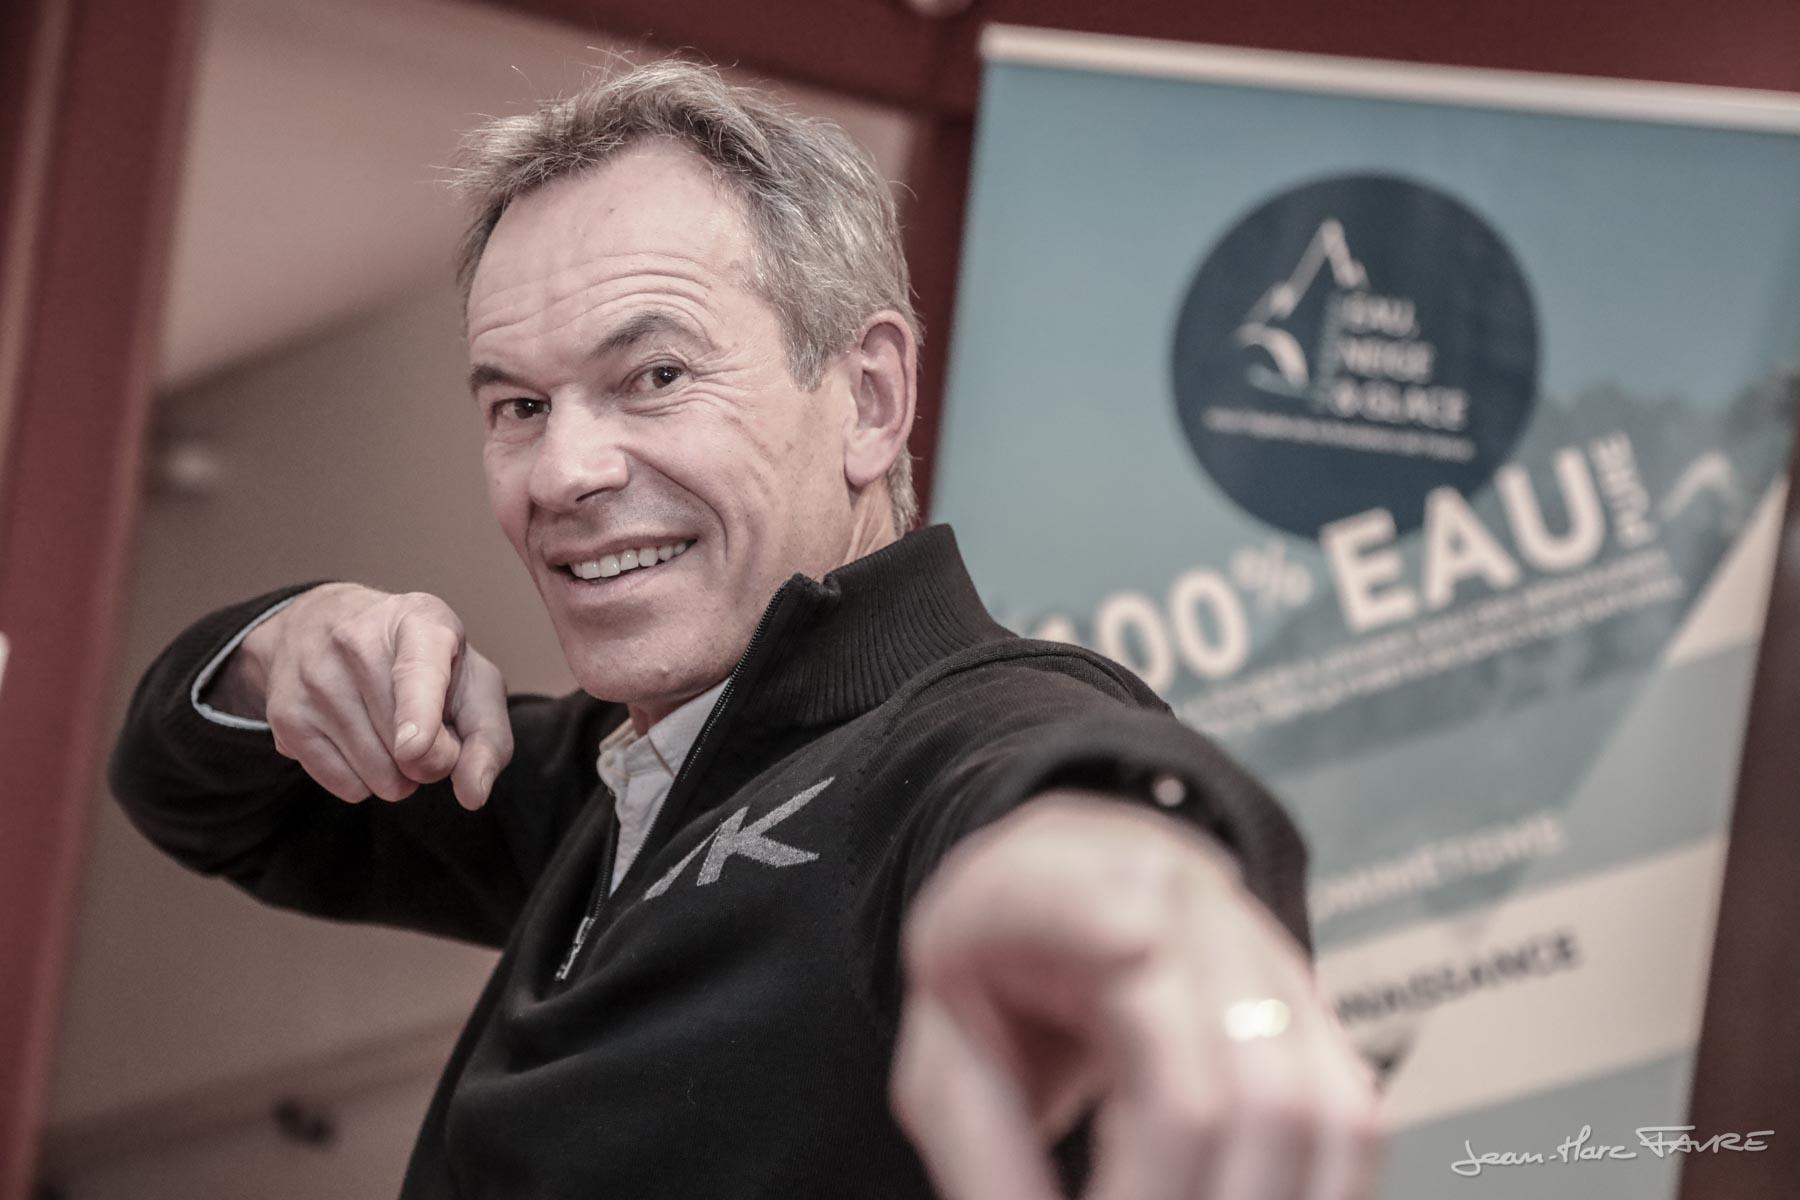 Serge Martinot, président passionné. Photo © J-Marc Favre